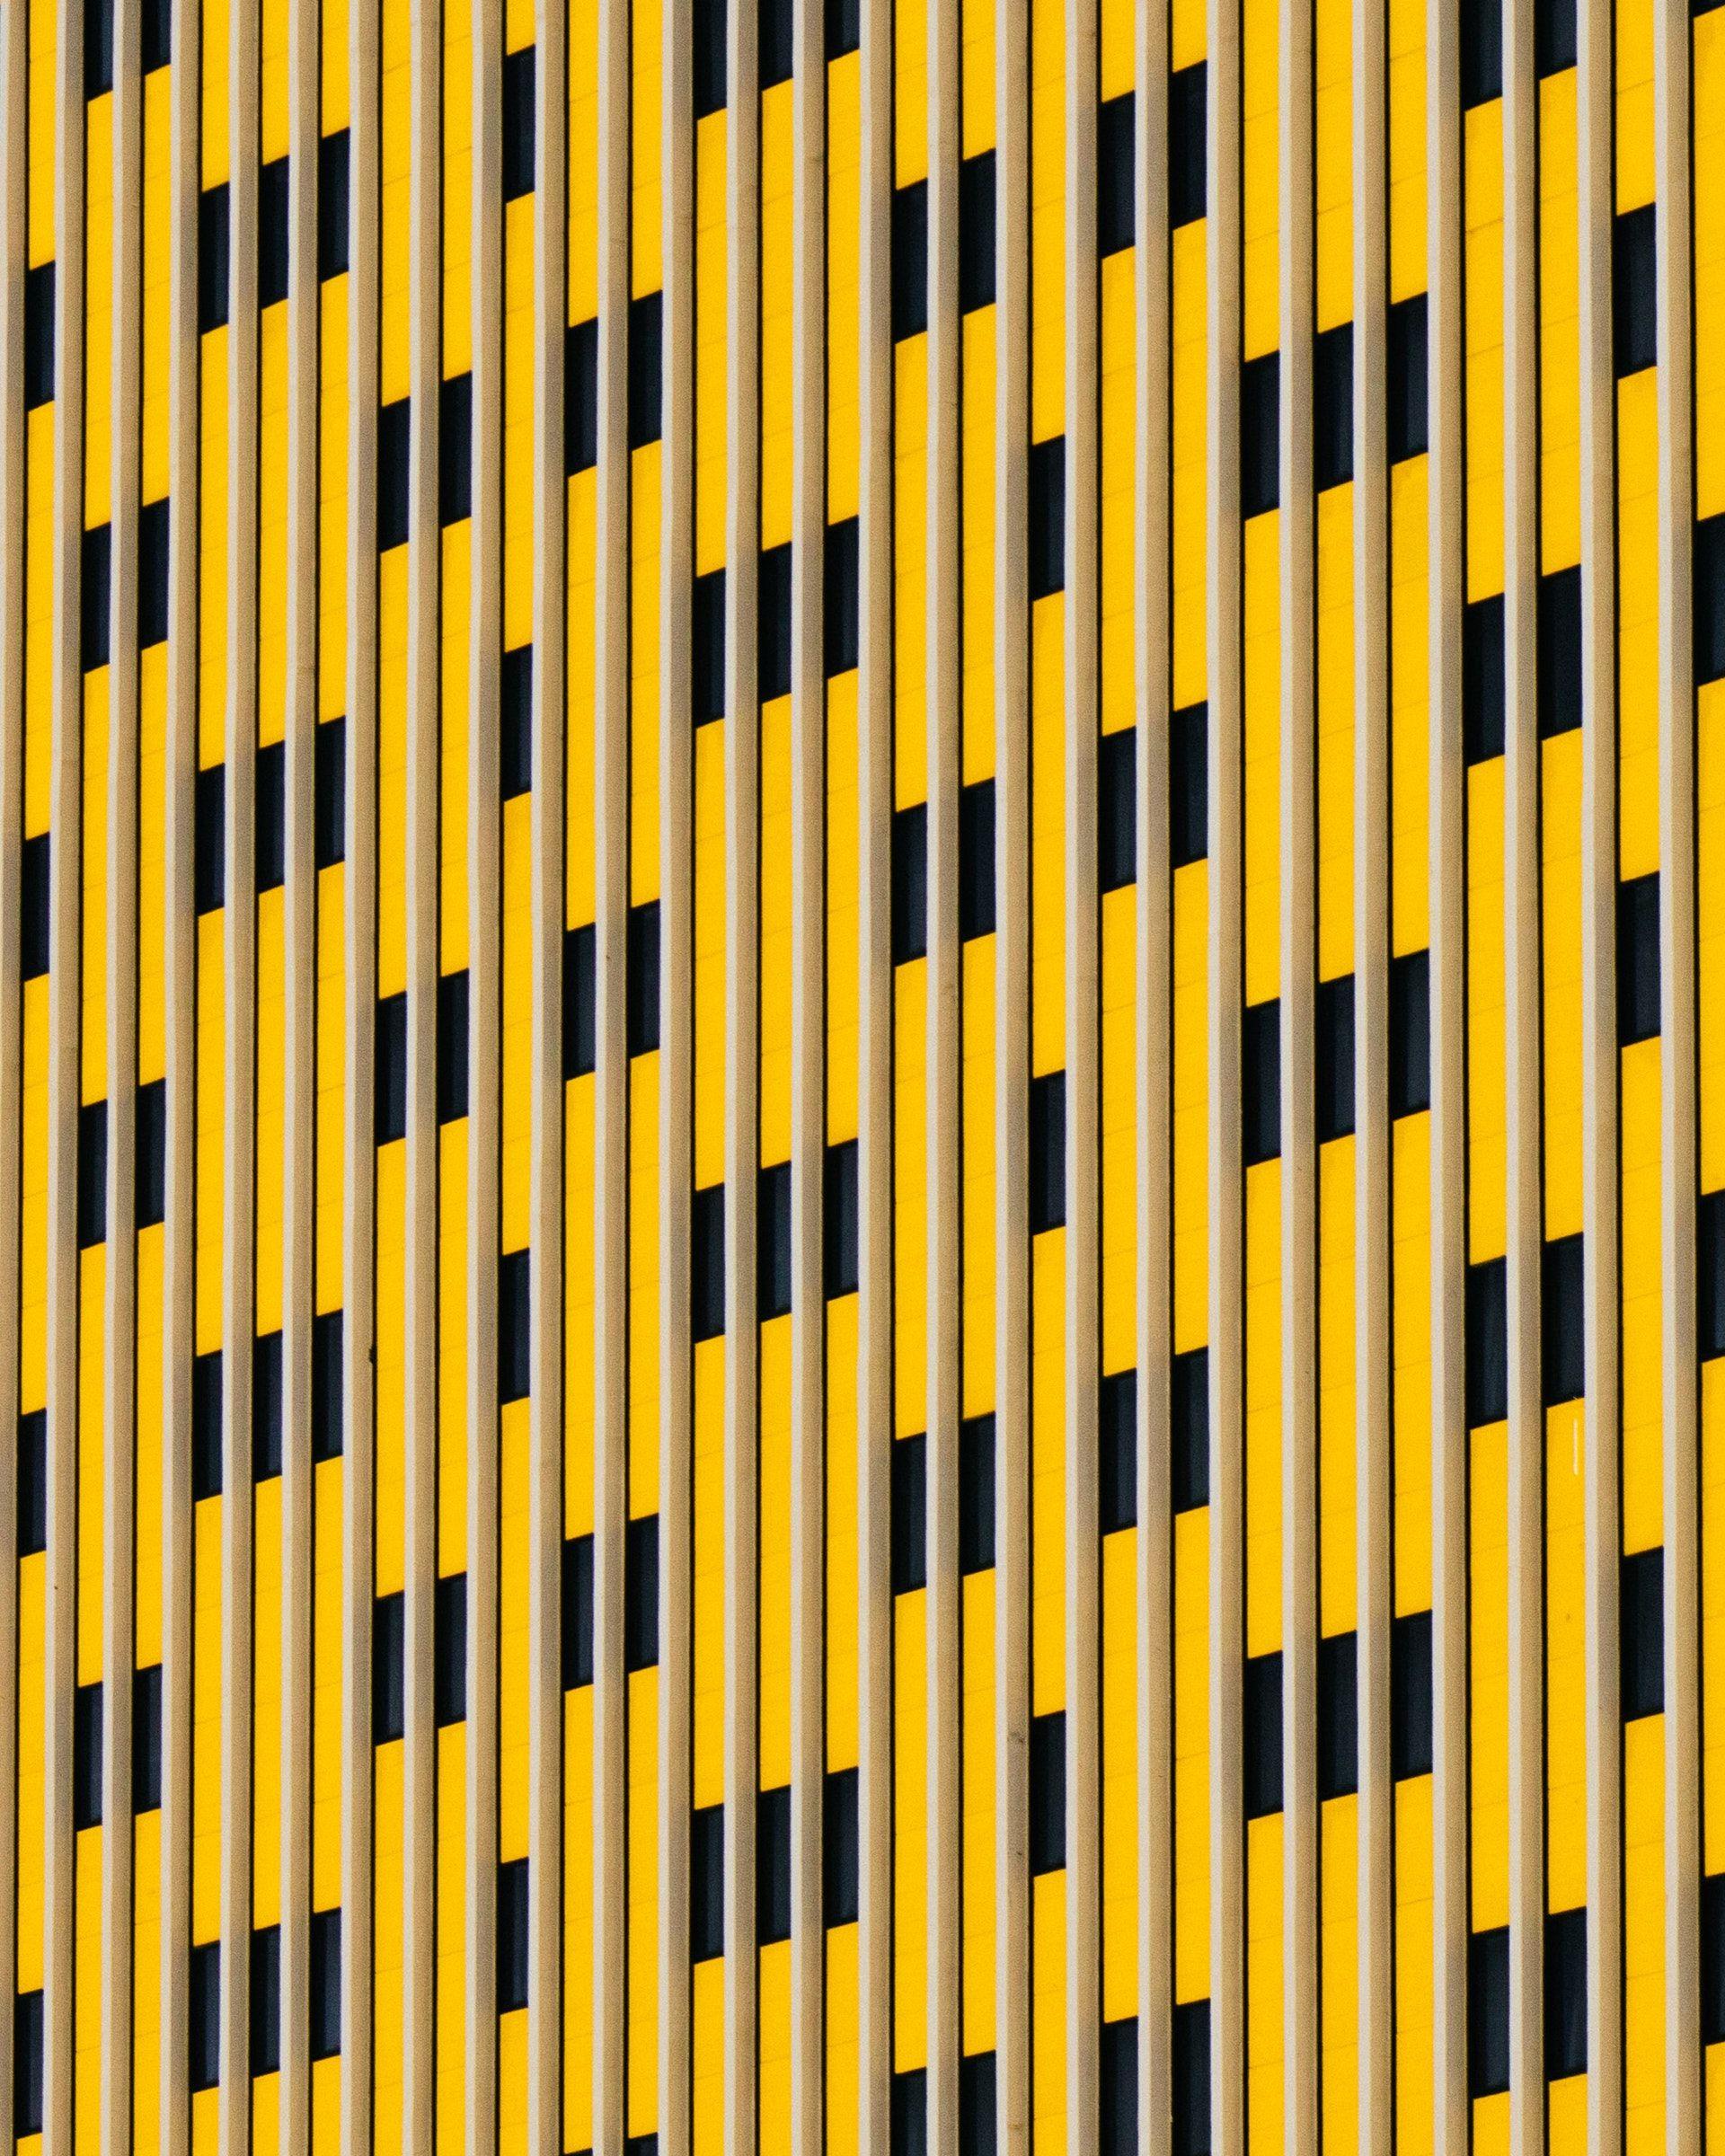 عکس زمینه الگو زرد و سیاه راه راه پس زمینه